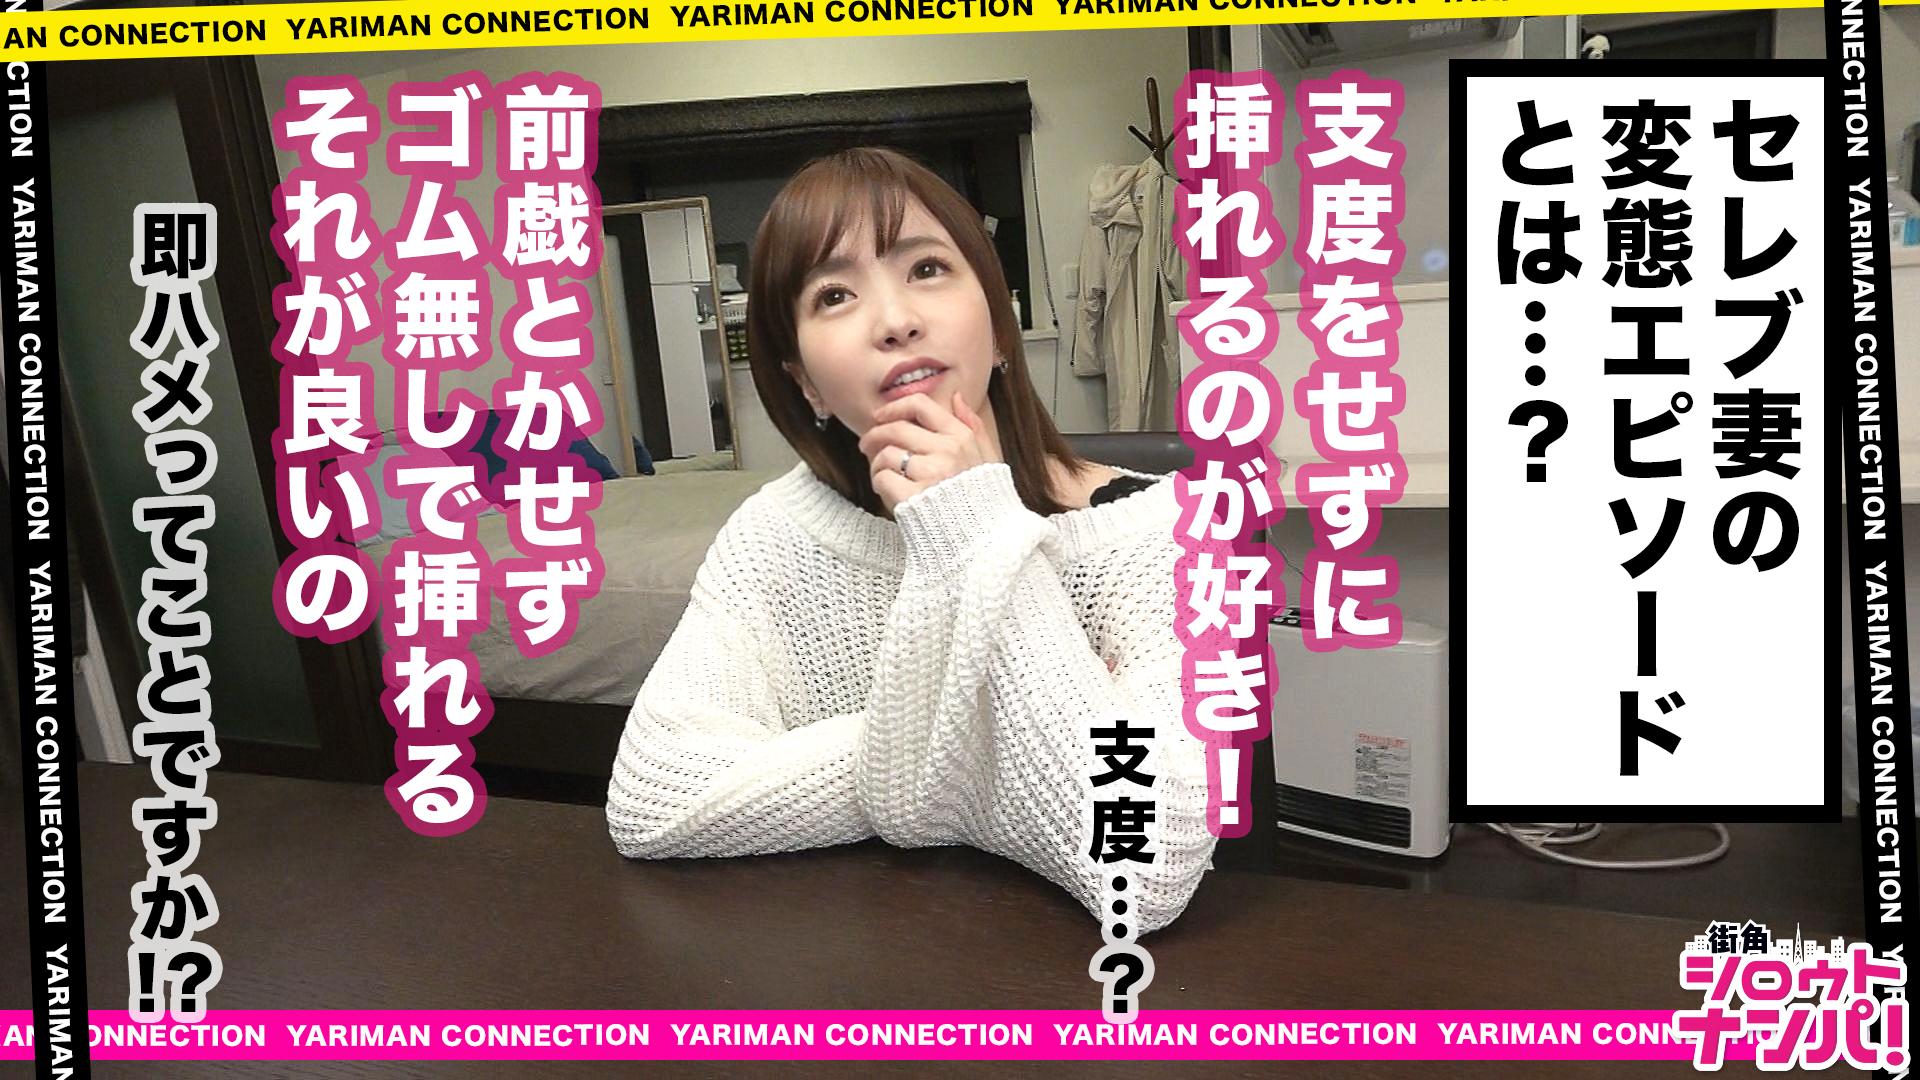 「MGS独占セール10/18まで!!」ハメ撮りに挑戦したS級素人娘さんの映像。・20枚目